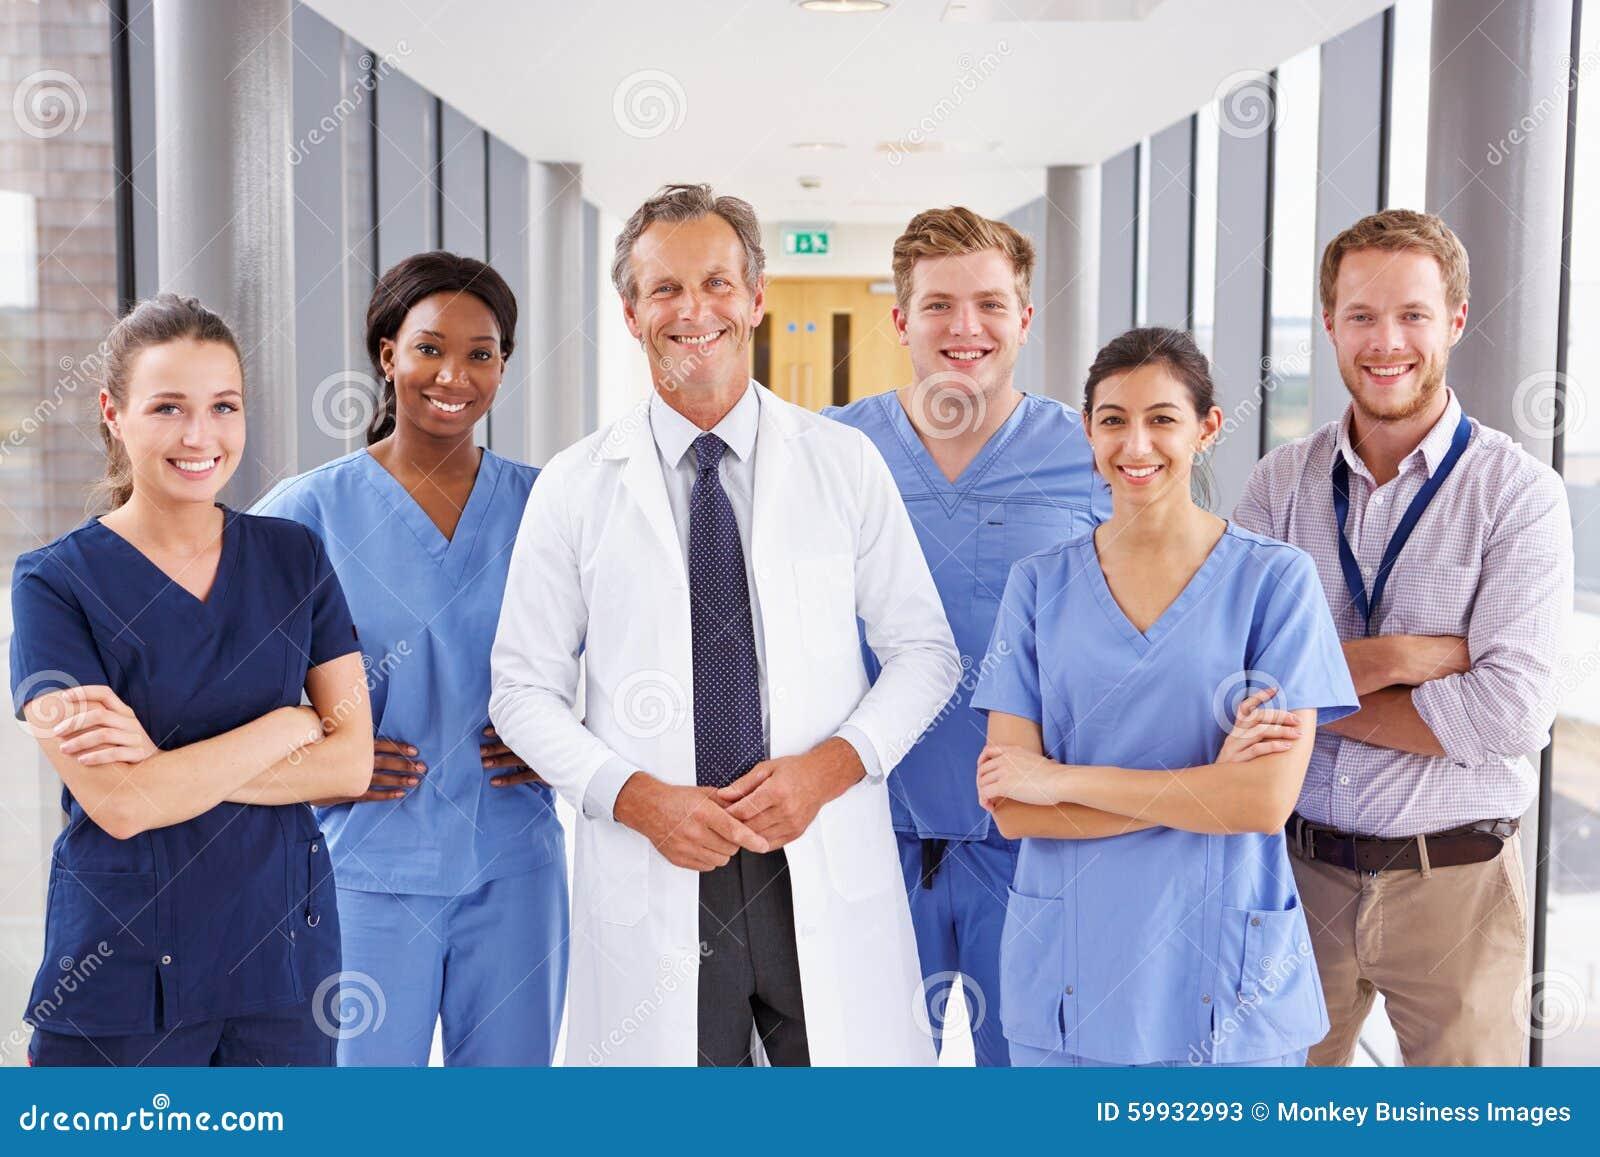 Retrato de Team Standing In Hospital Corridor médico